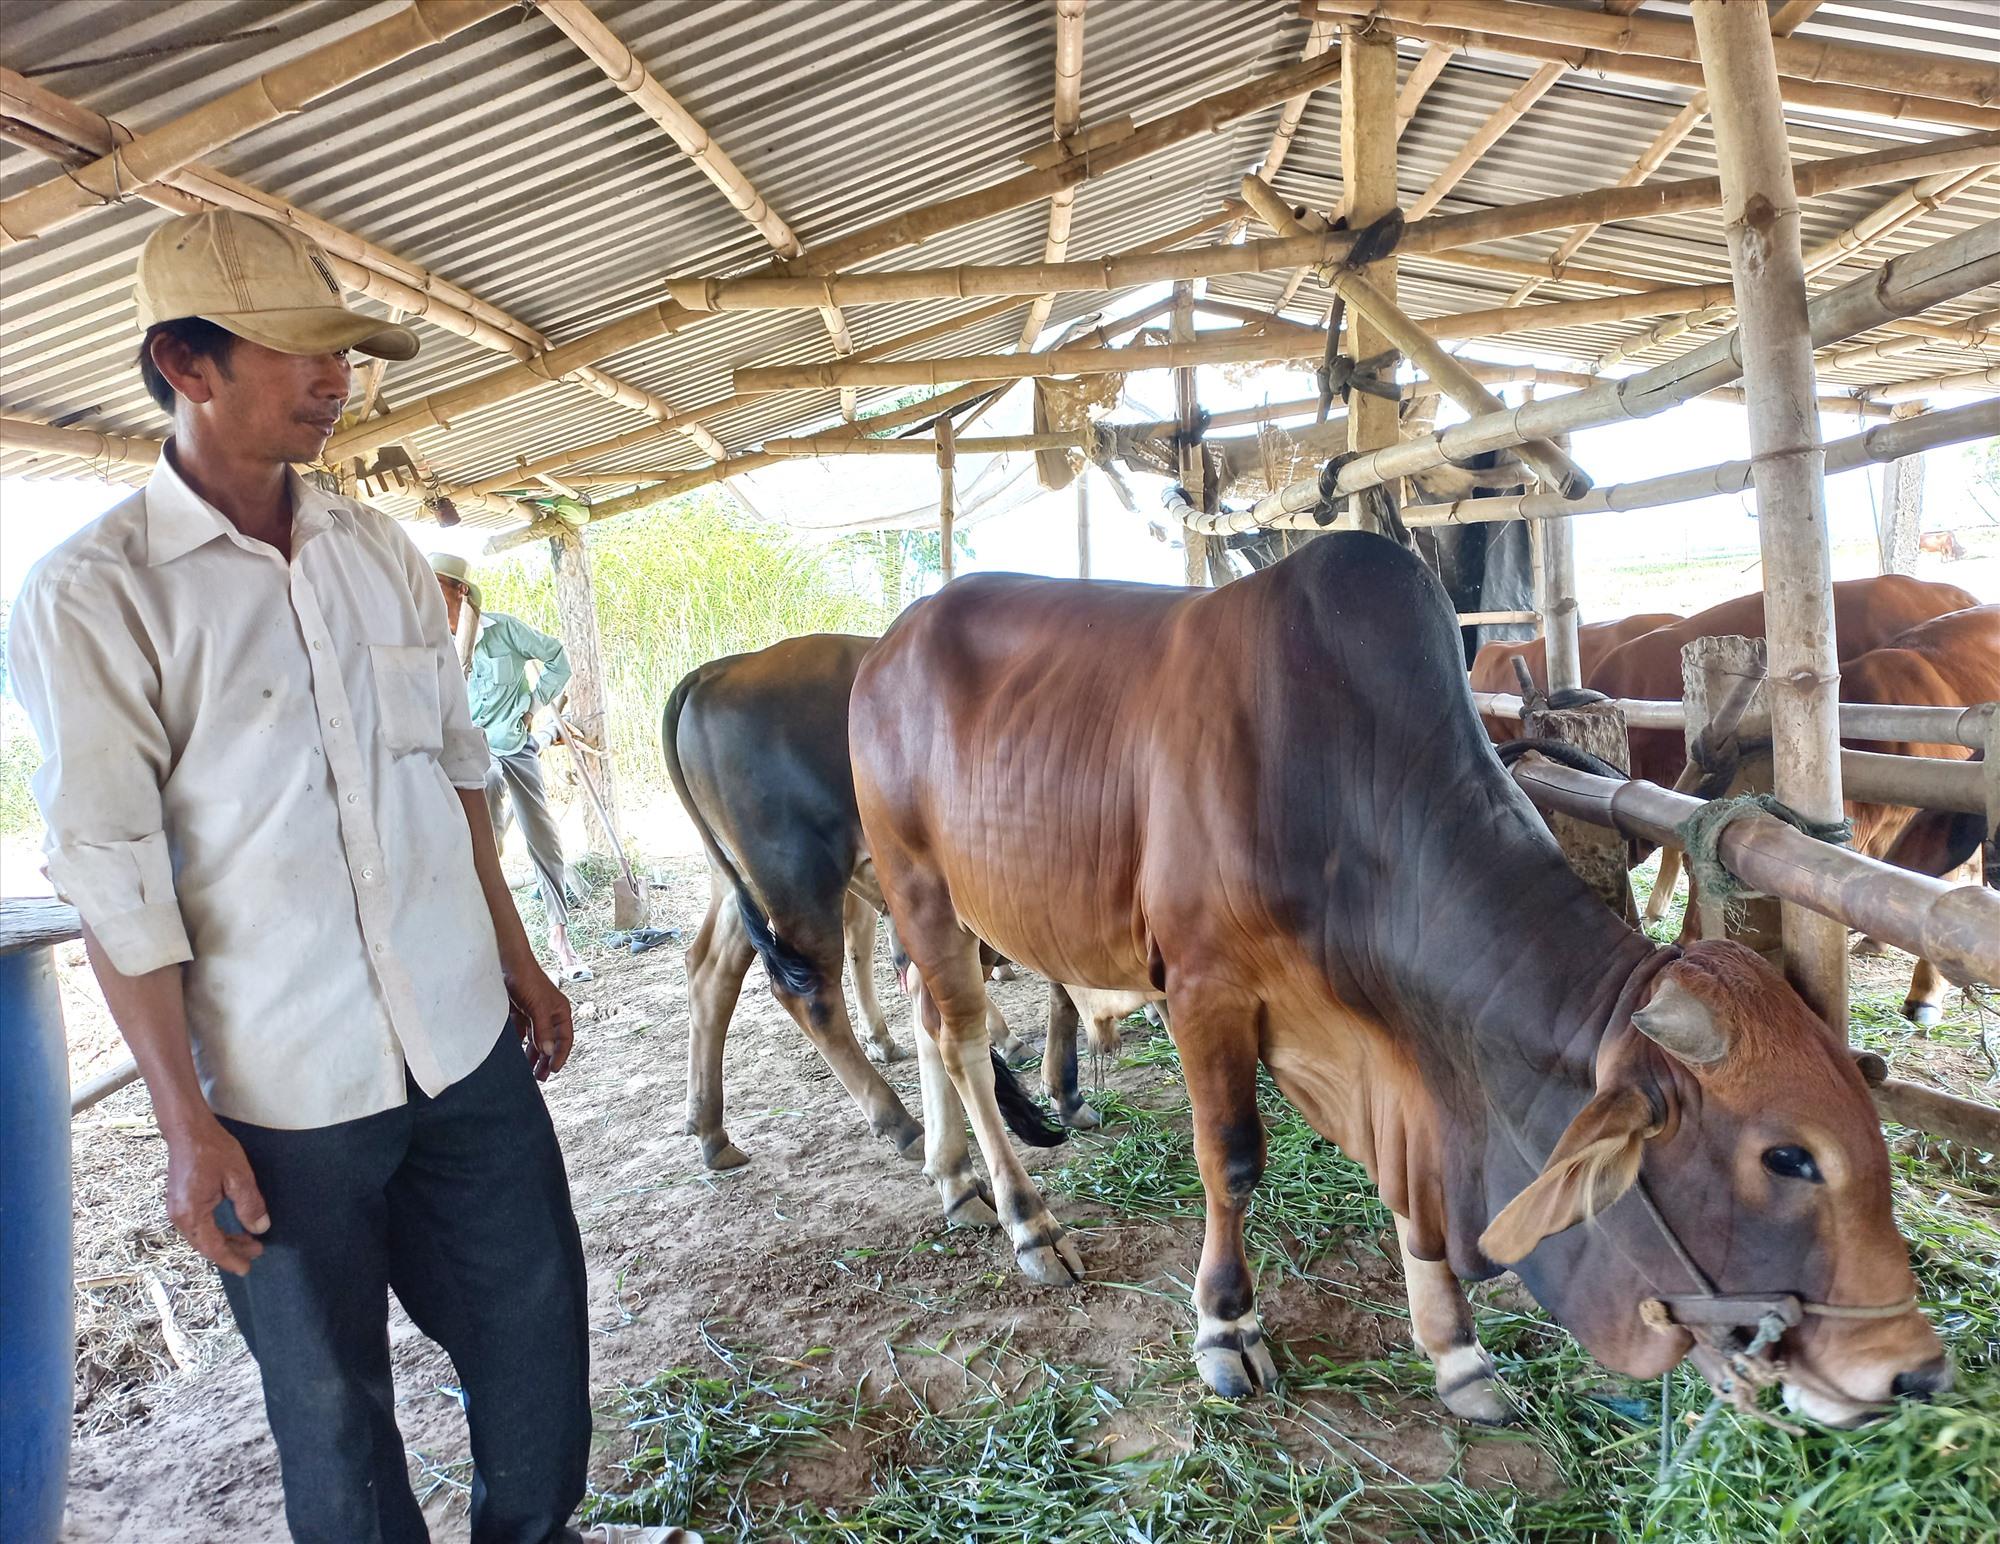 Ông Nguyễn Thanh Hoàng nuôi hàng chục con bò trên bãi biền Long Hội. Ảnh: K.K